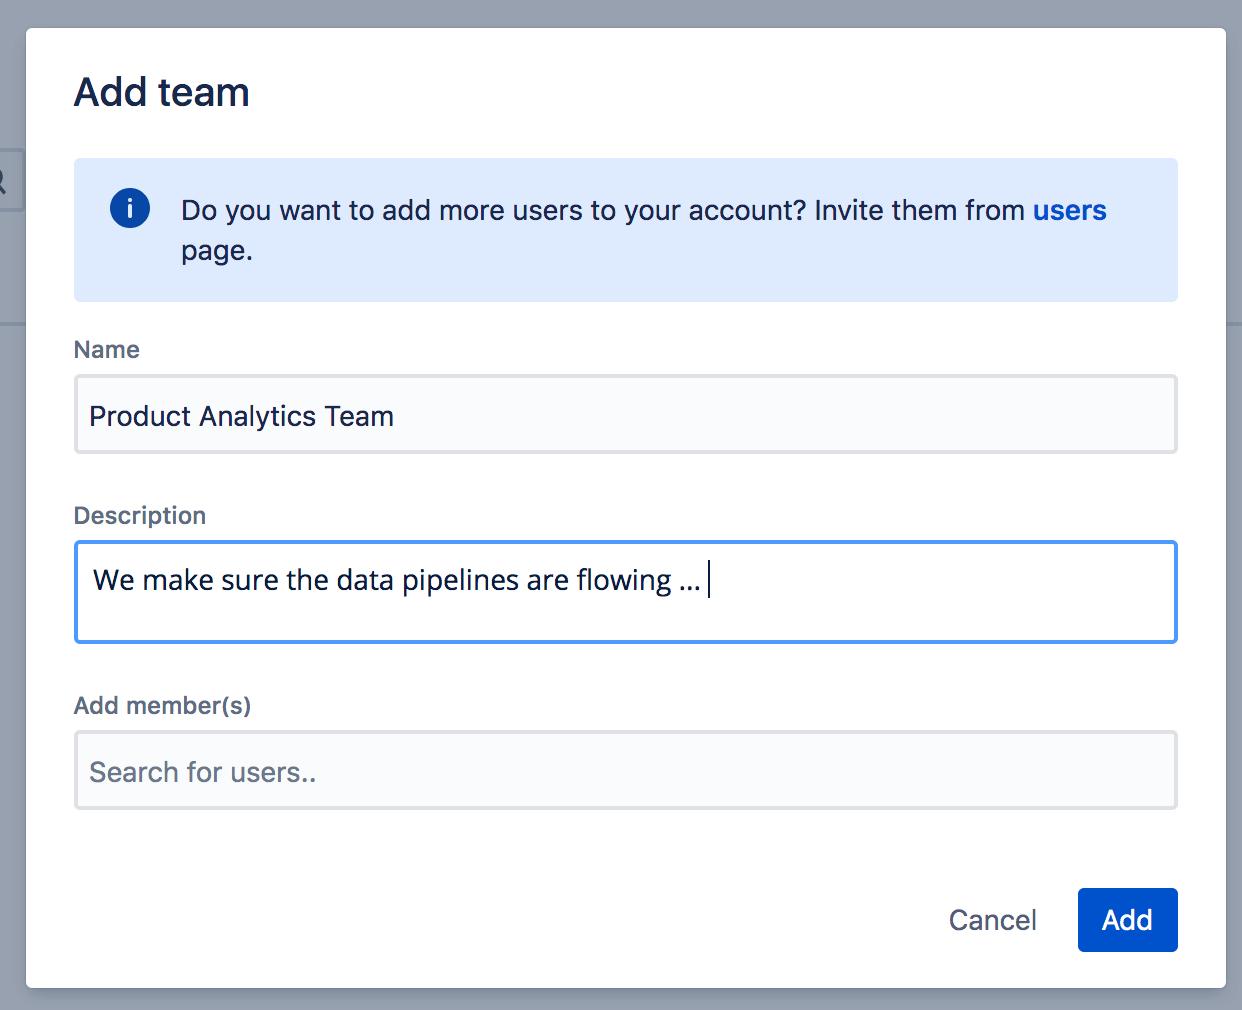 Снимок экрана, на котором подсвечена кнопка добавления команды